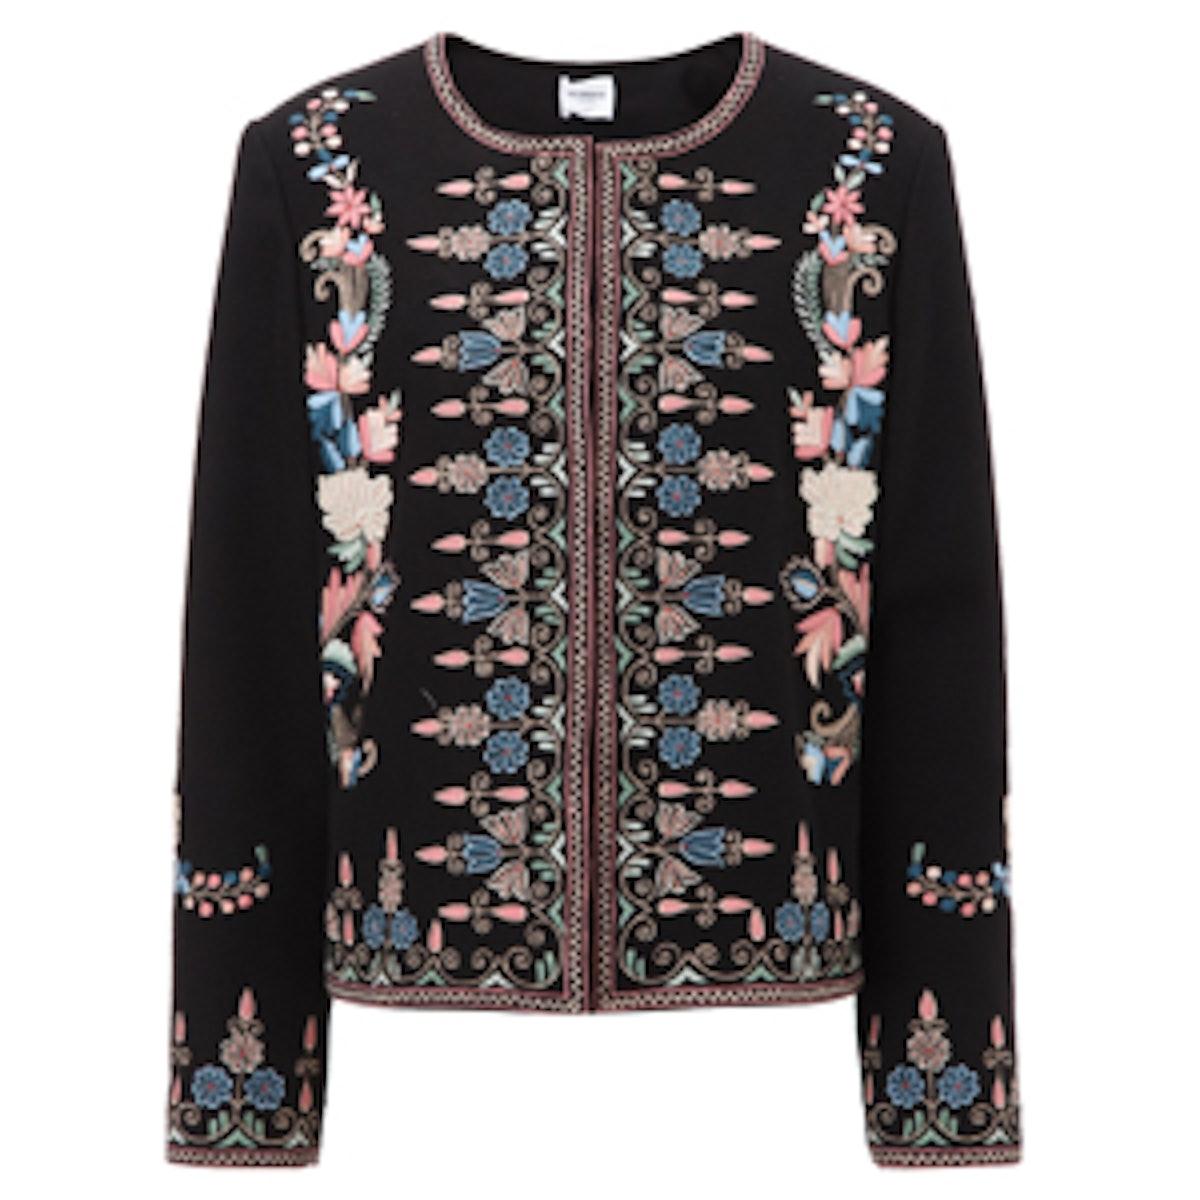 Black Embroidered Sofia Jacket